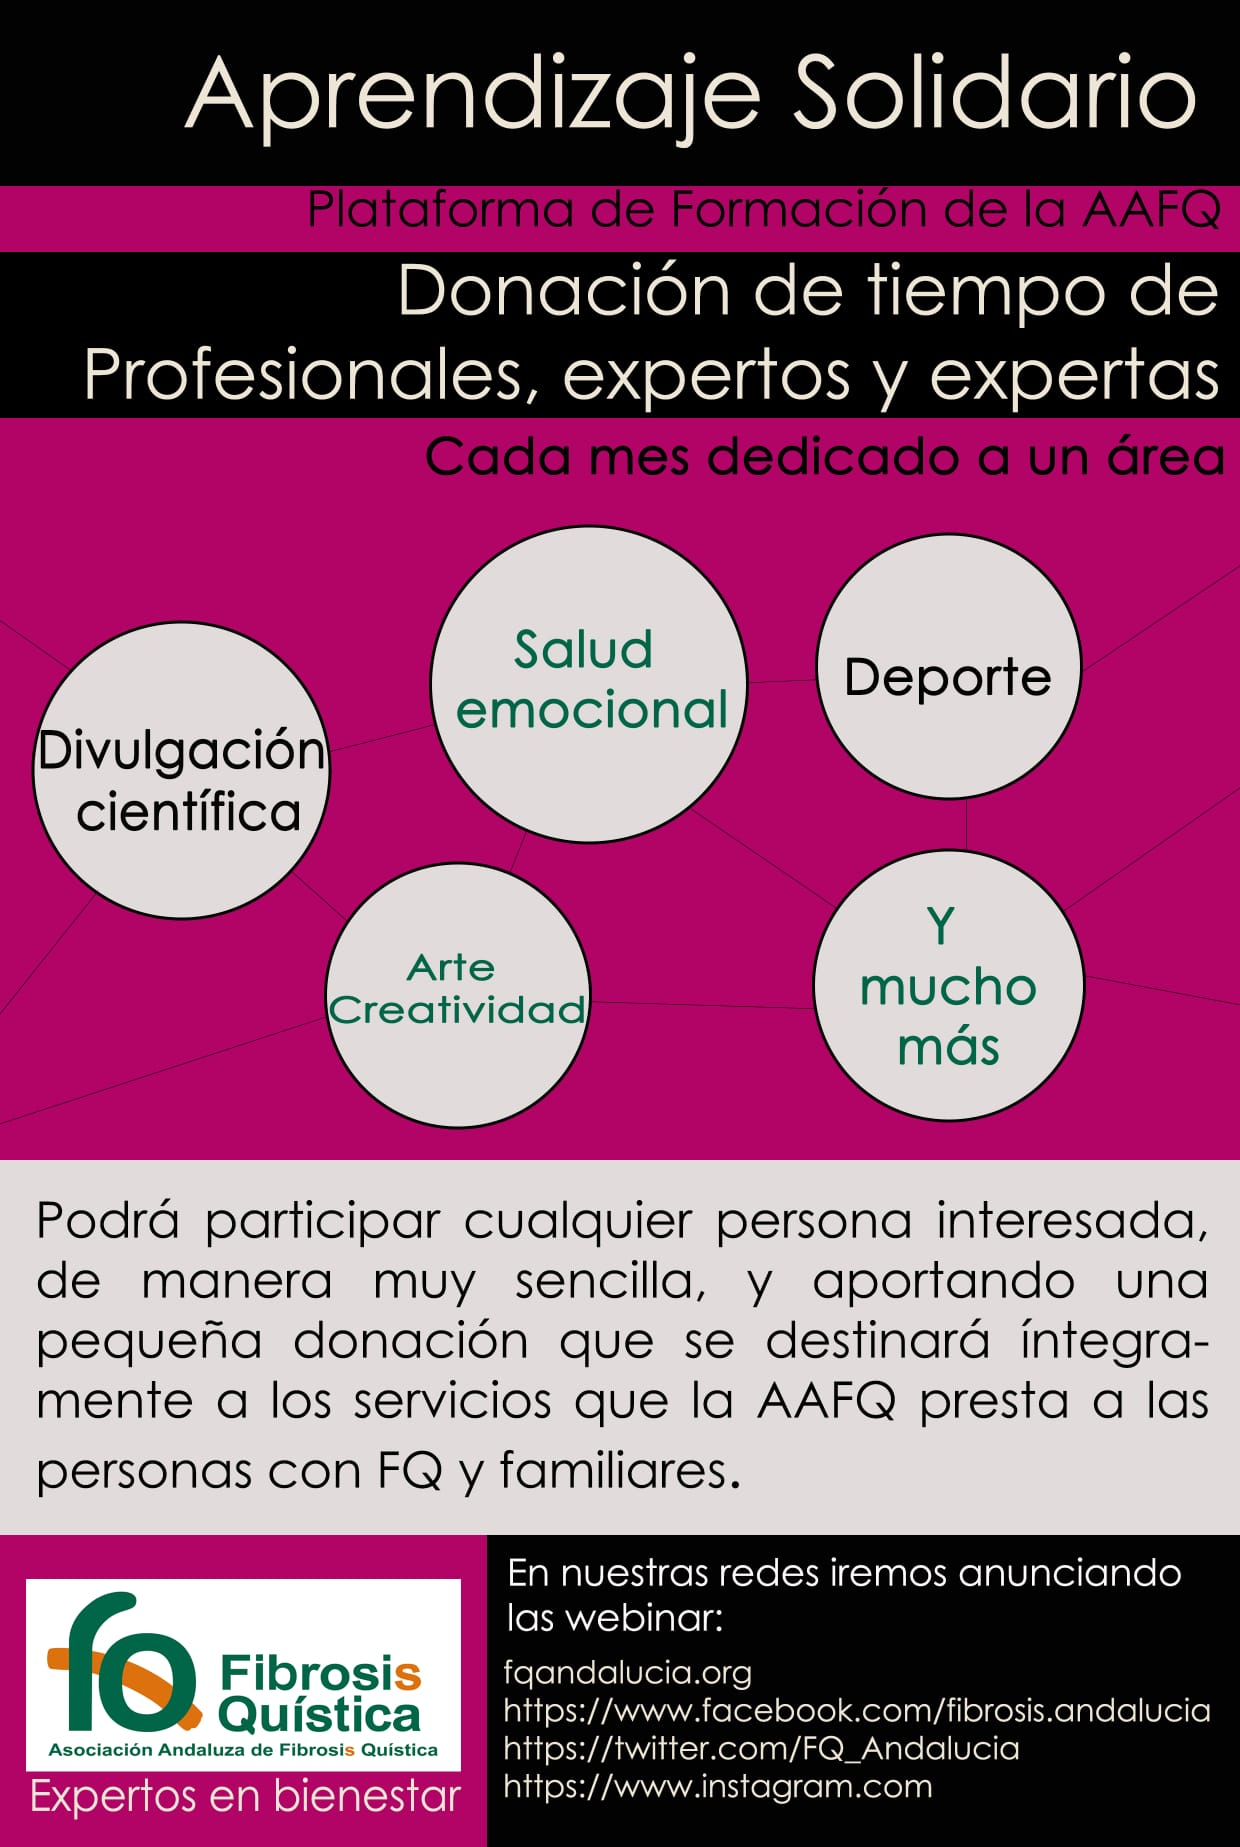 Plataforma de Formación de la Asociación Andaluza de Fibrosis Quística «Aprendizaje Solidario»